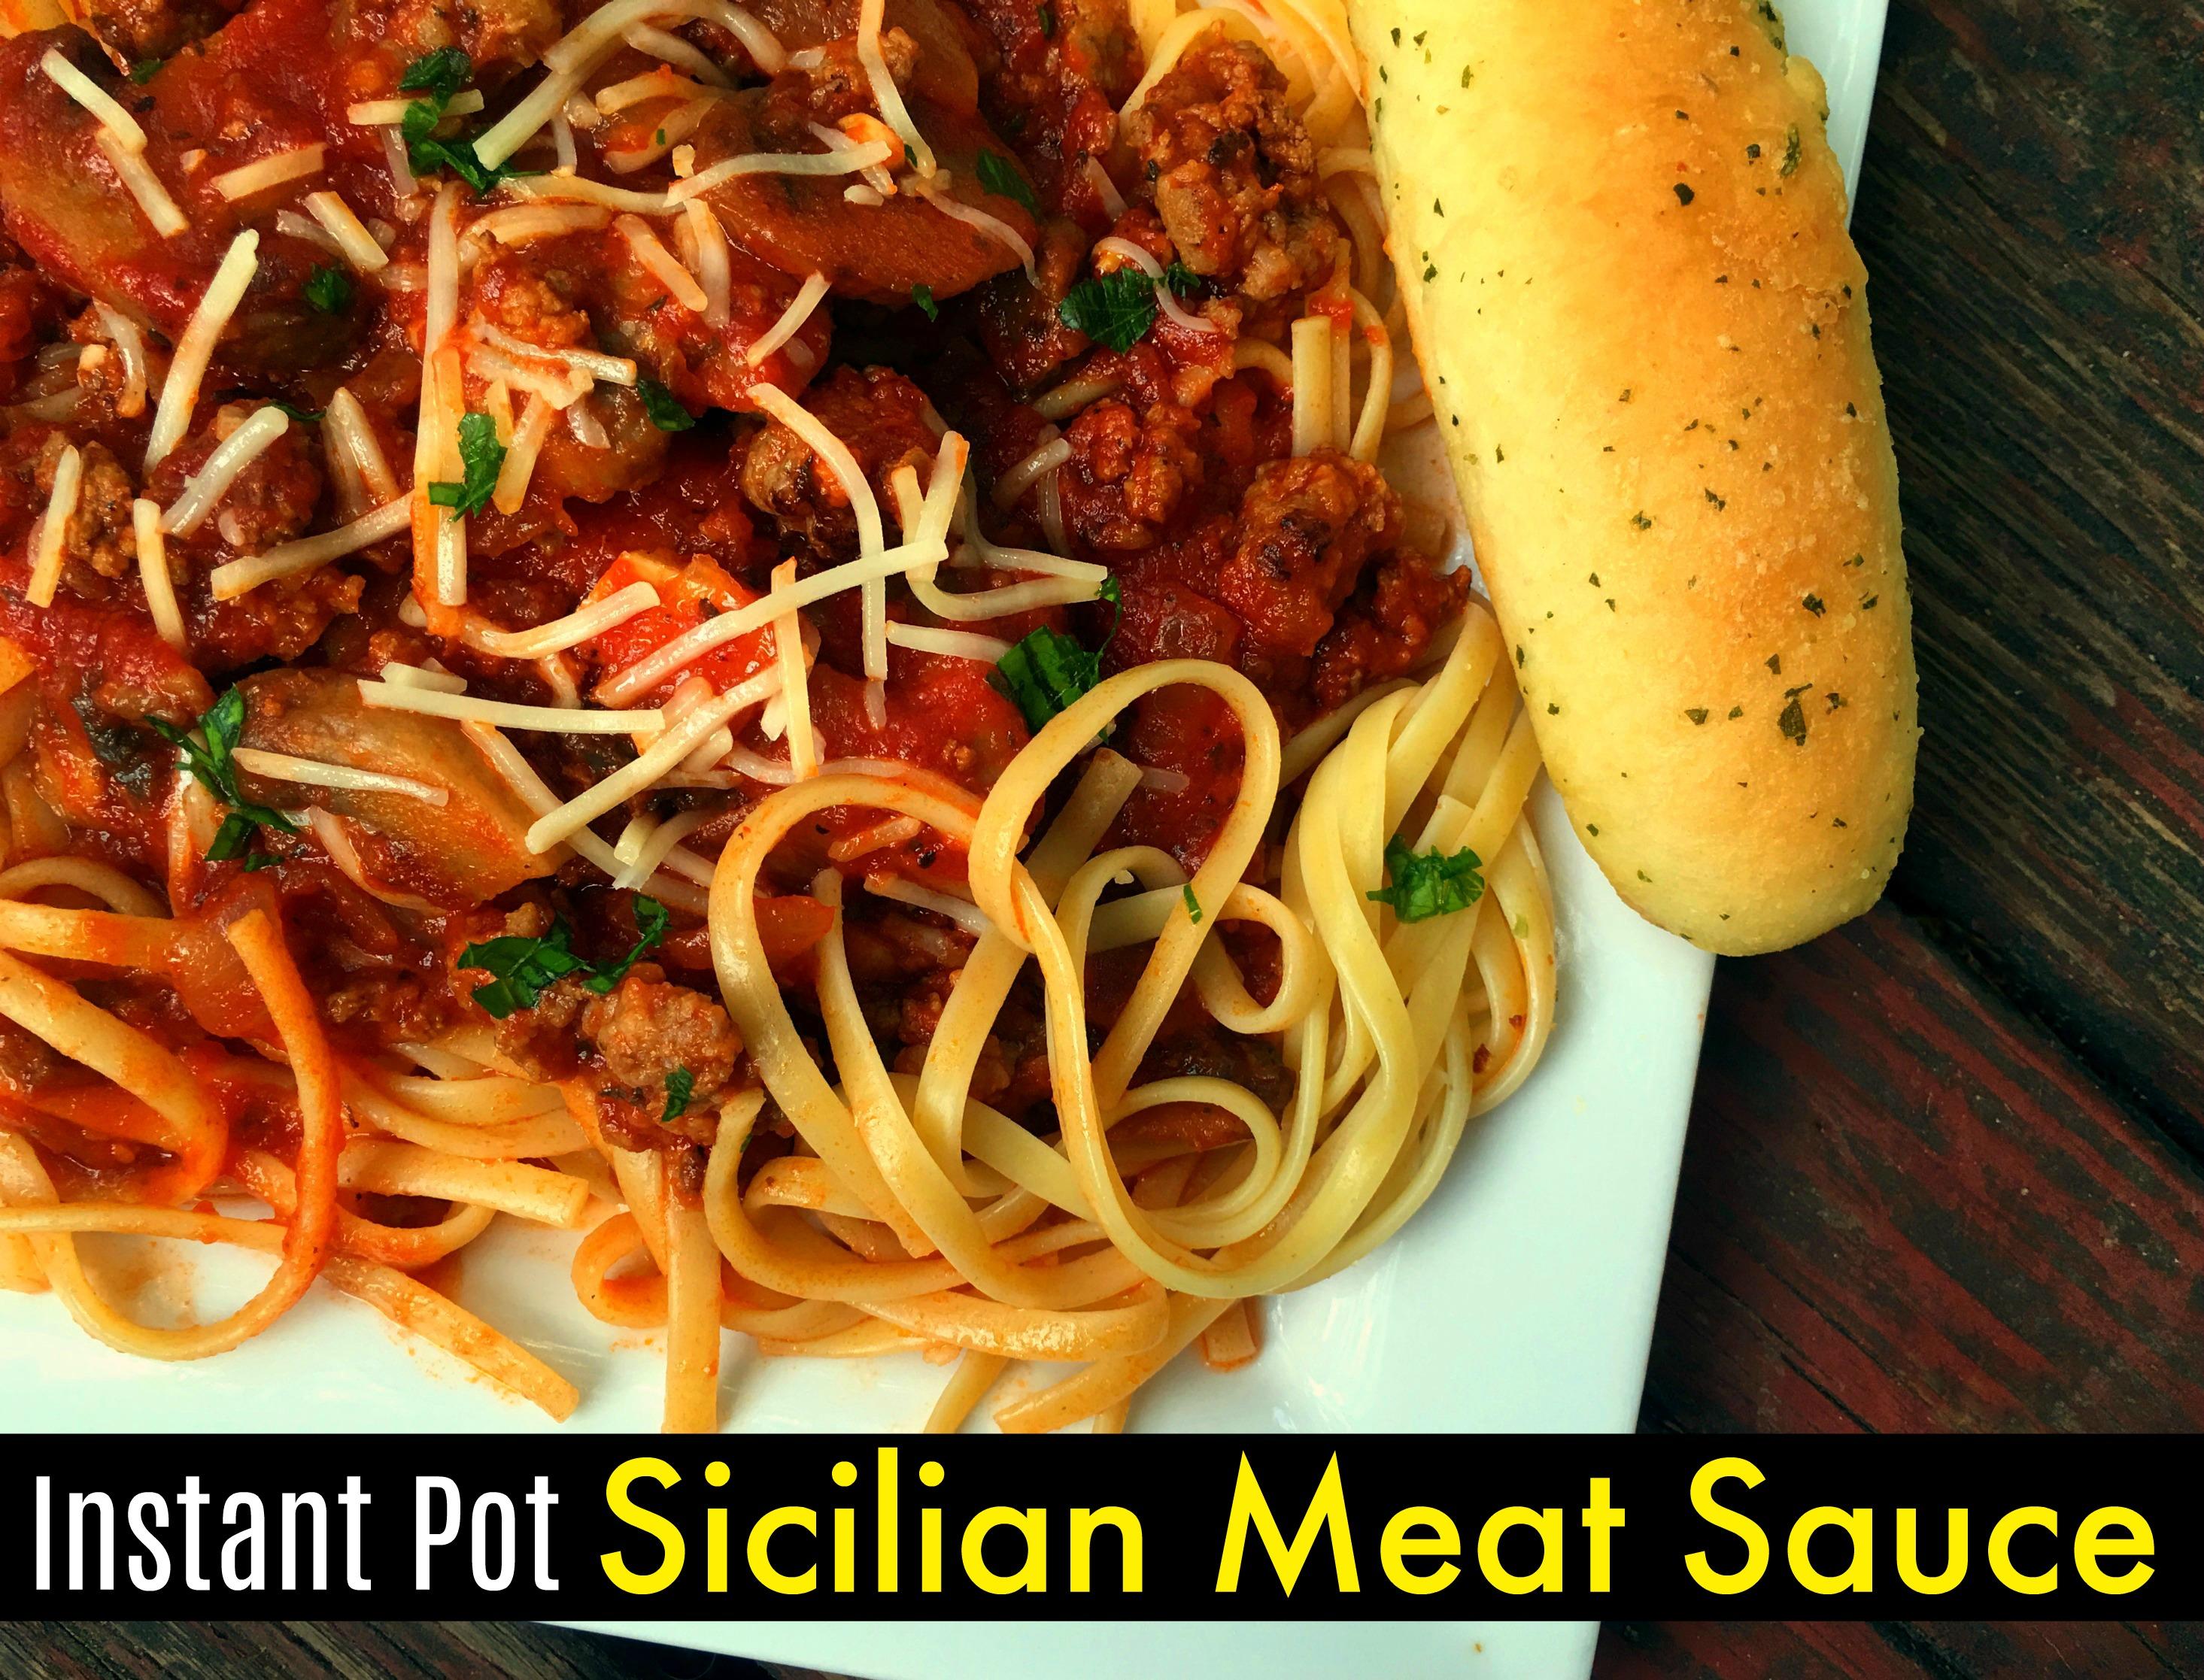 Instant Pot Sicilian Meat Sauce